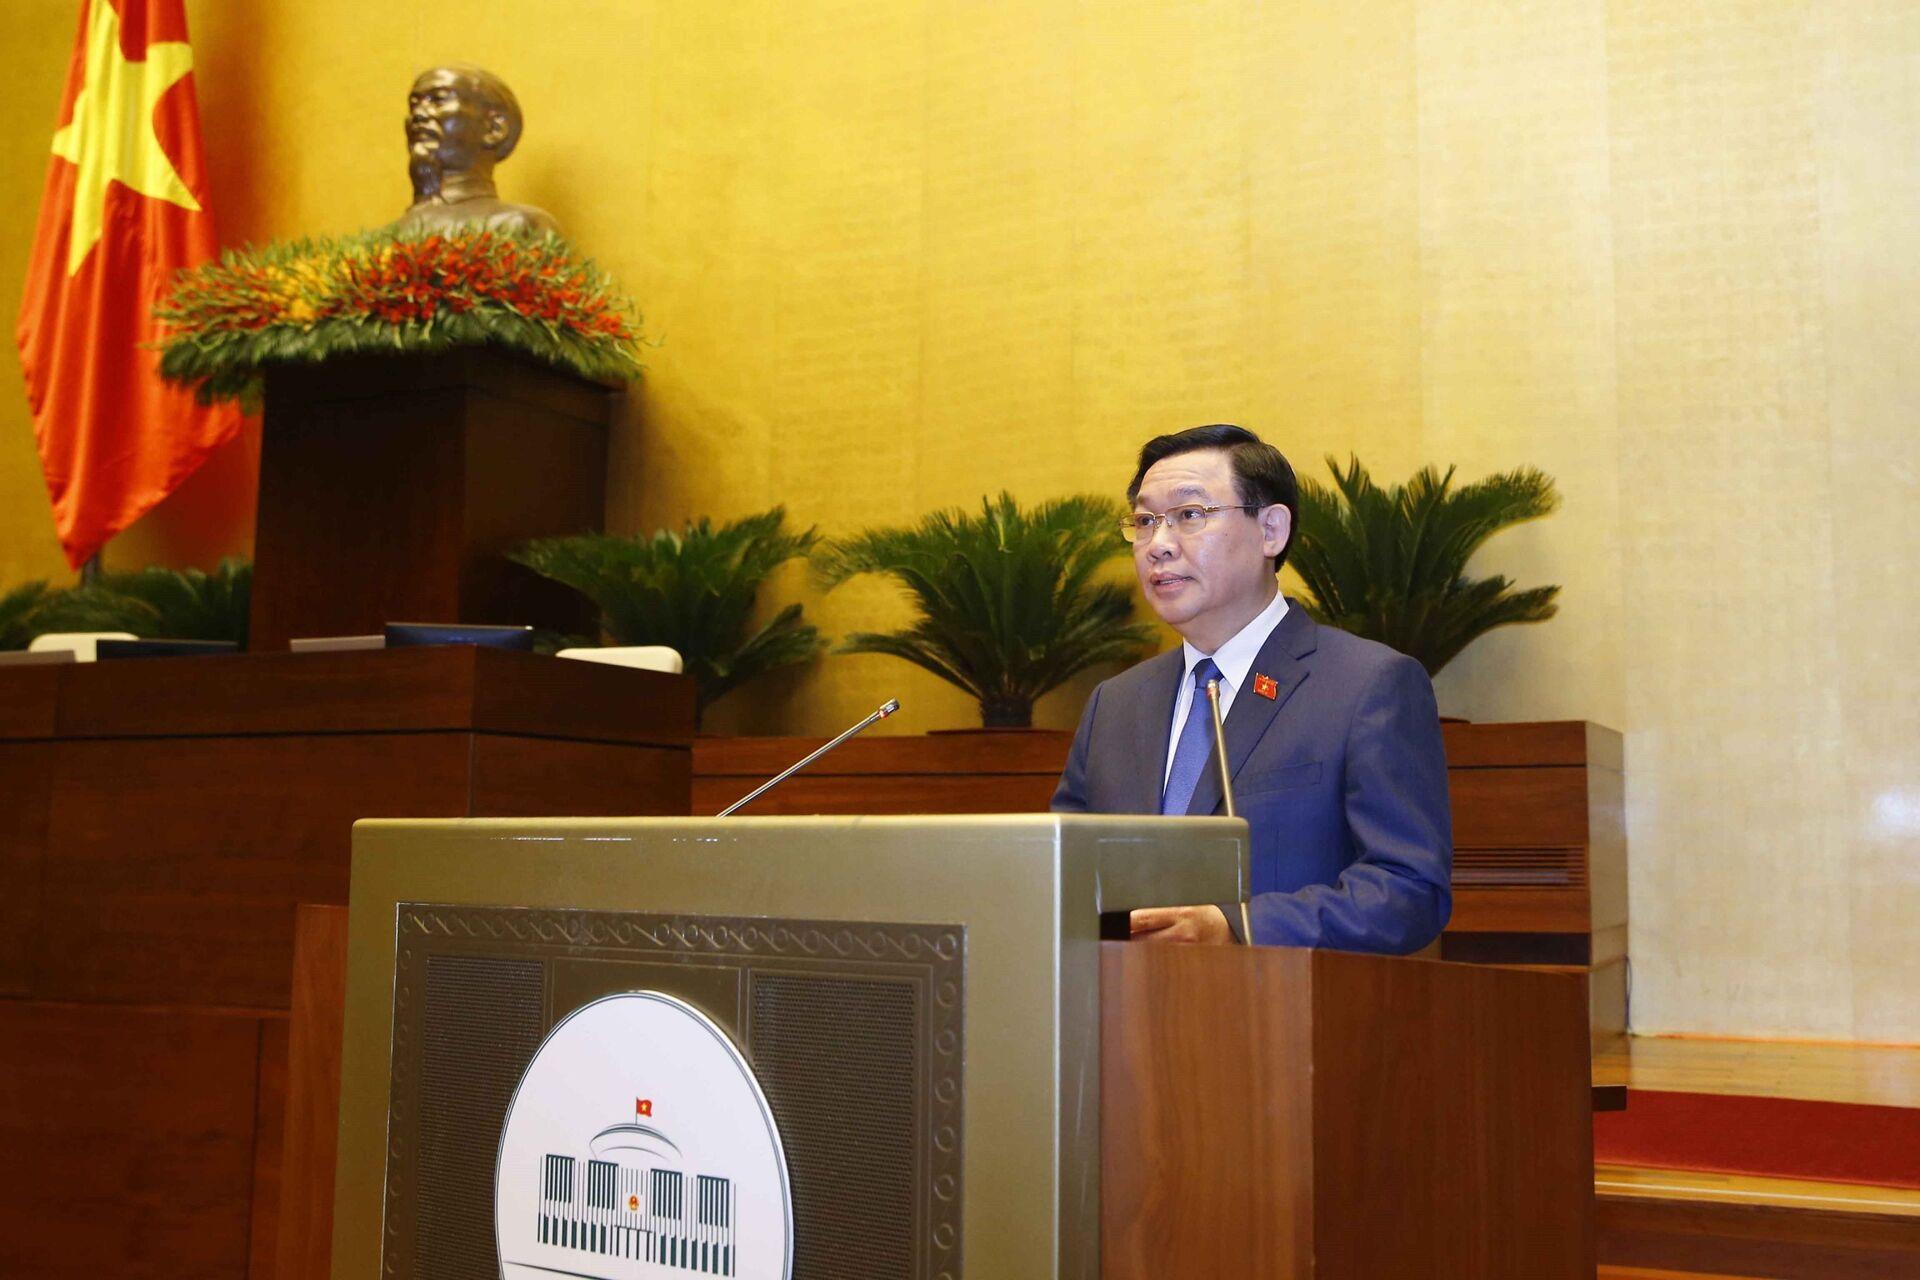 Không ai phản đối ông Vương Đình Huệ làm Chủ tịch Quốc hội Việt Nam - Sputnik Việt Nam, 1920, 20.07.2021